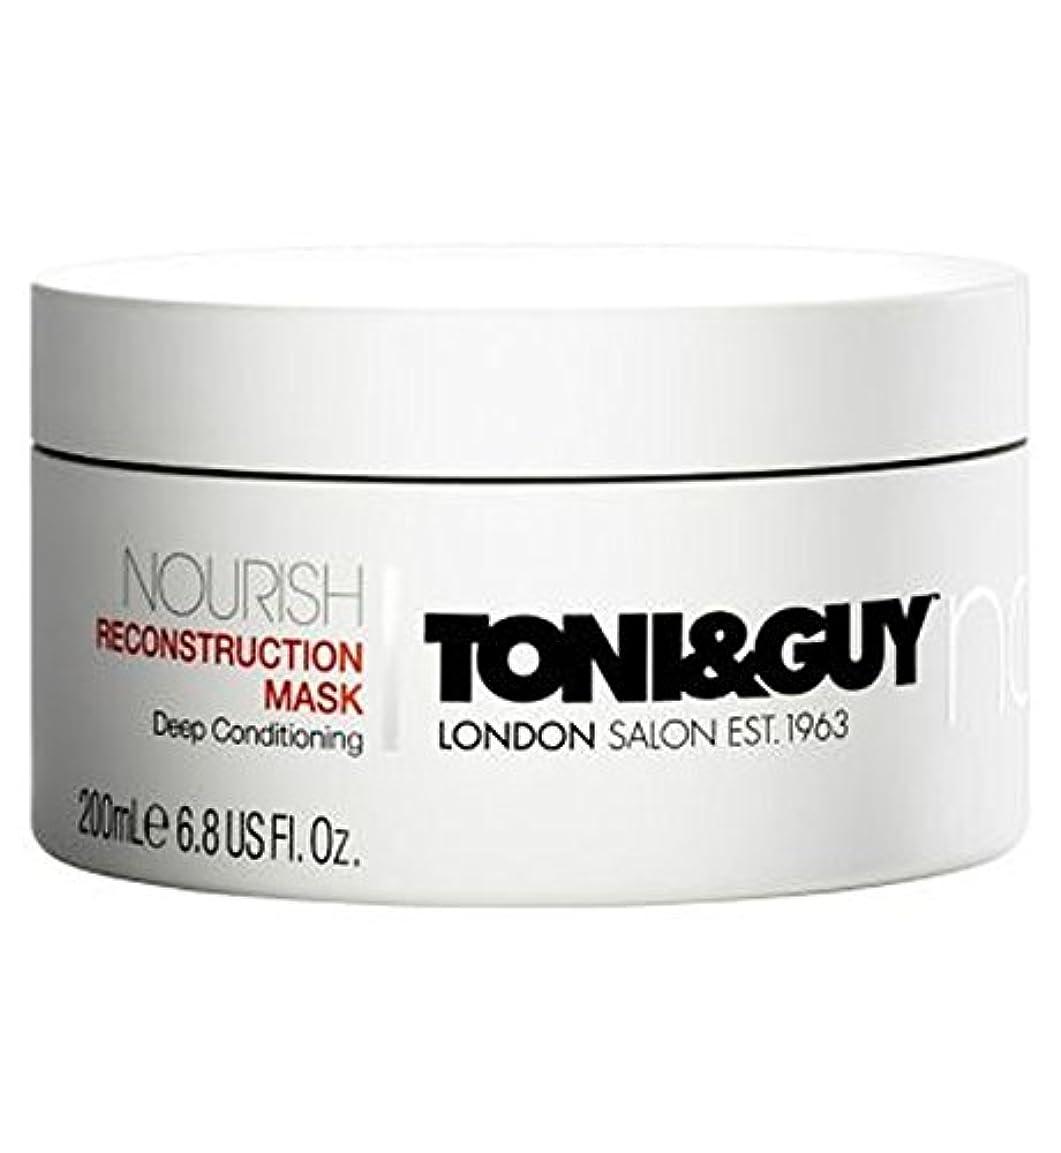 Toni&Guy Nourish Reconstruction Mask 200ml - トニ&男は復興マスク200ミリリットルを養います (Toni & Guy) [並行輸入品]